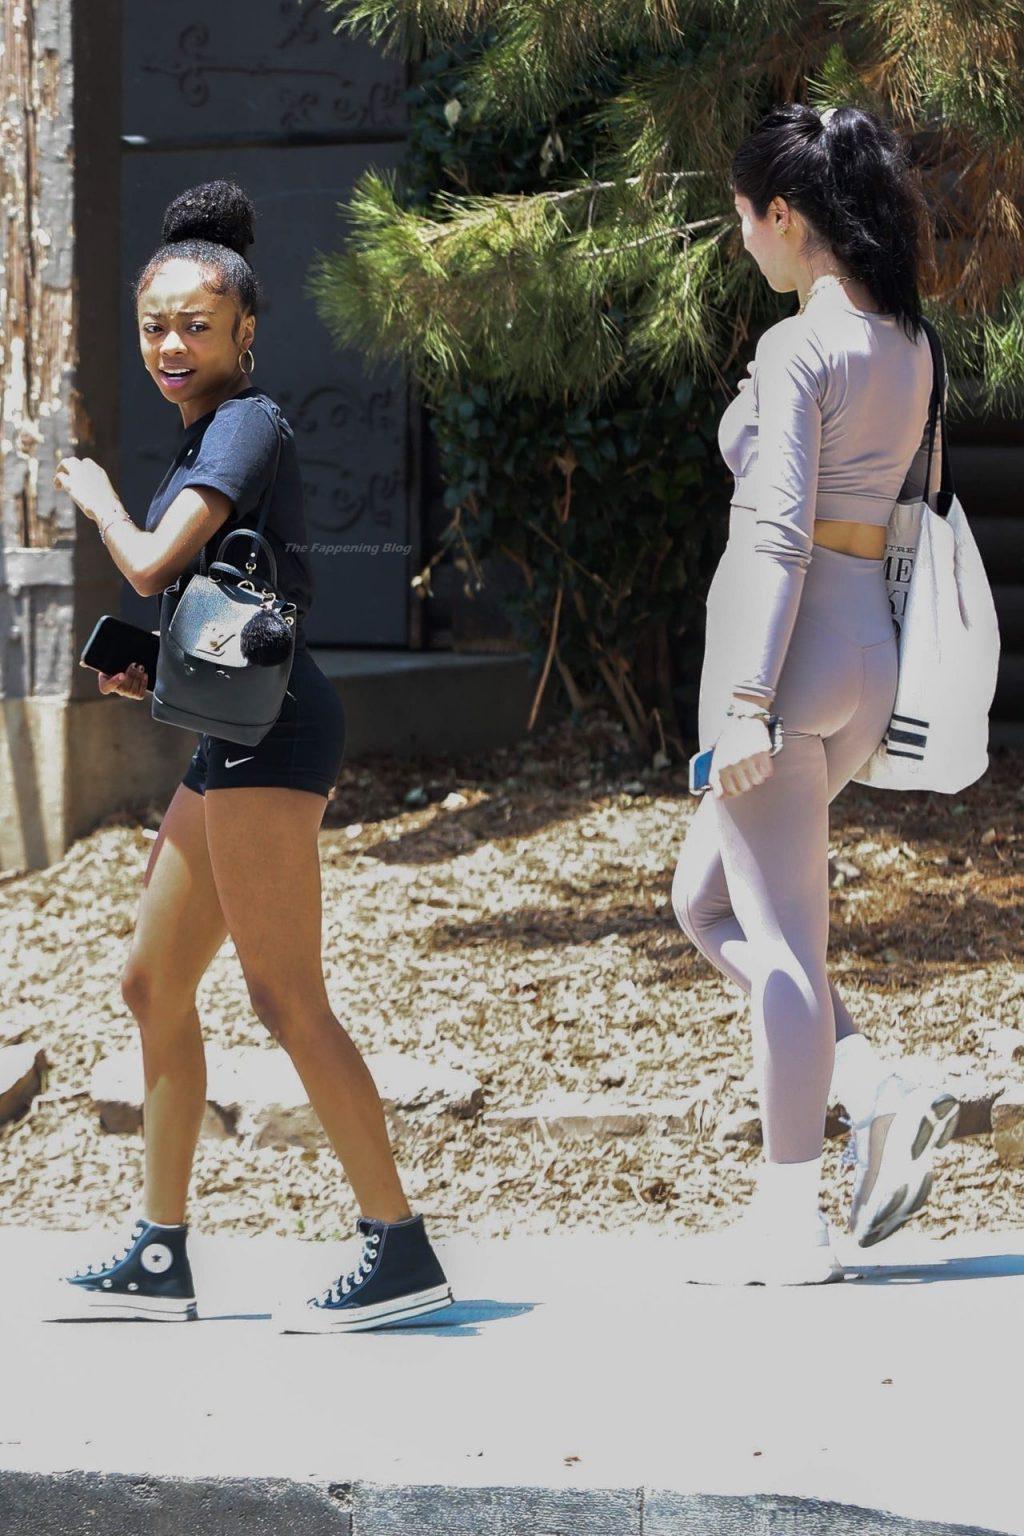 Skai Jackson Wraps Up a Workout Session (10 Photos)